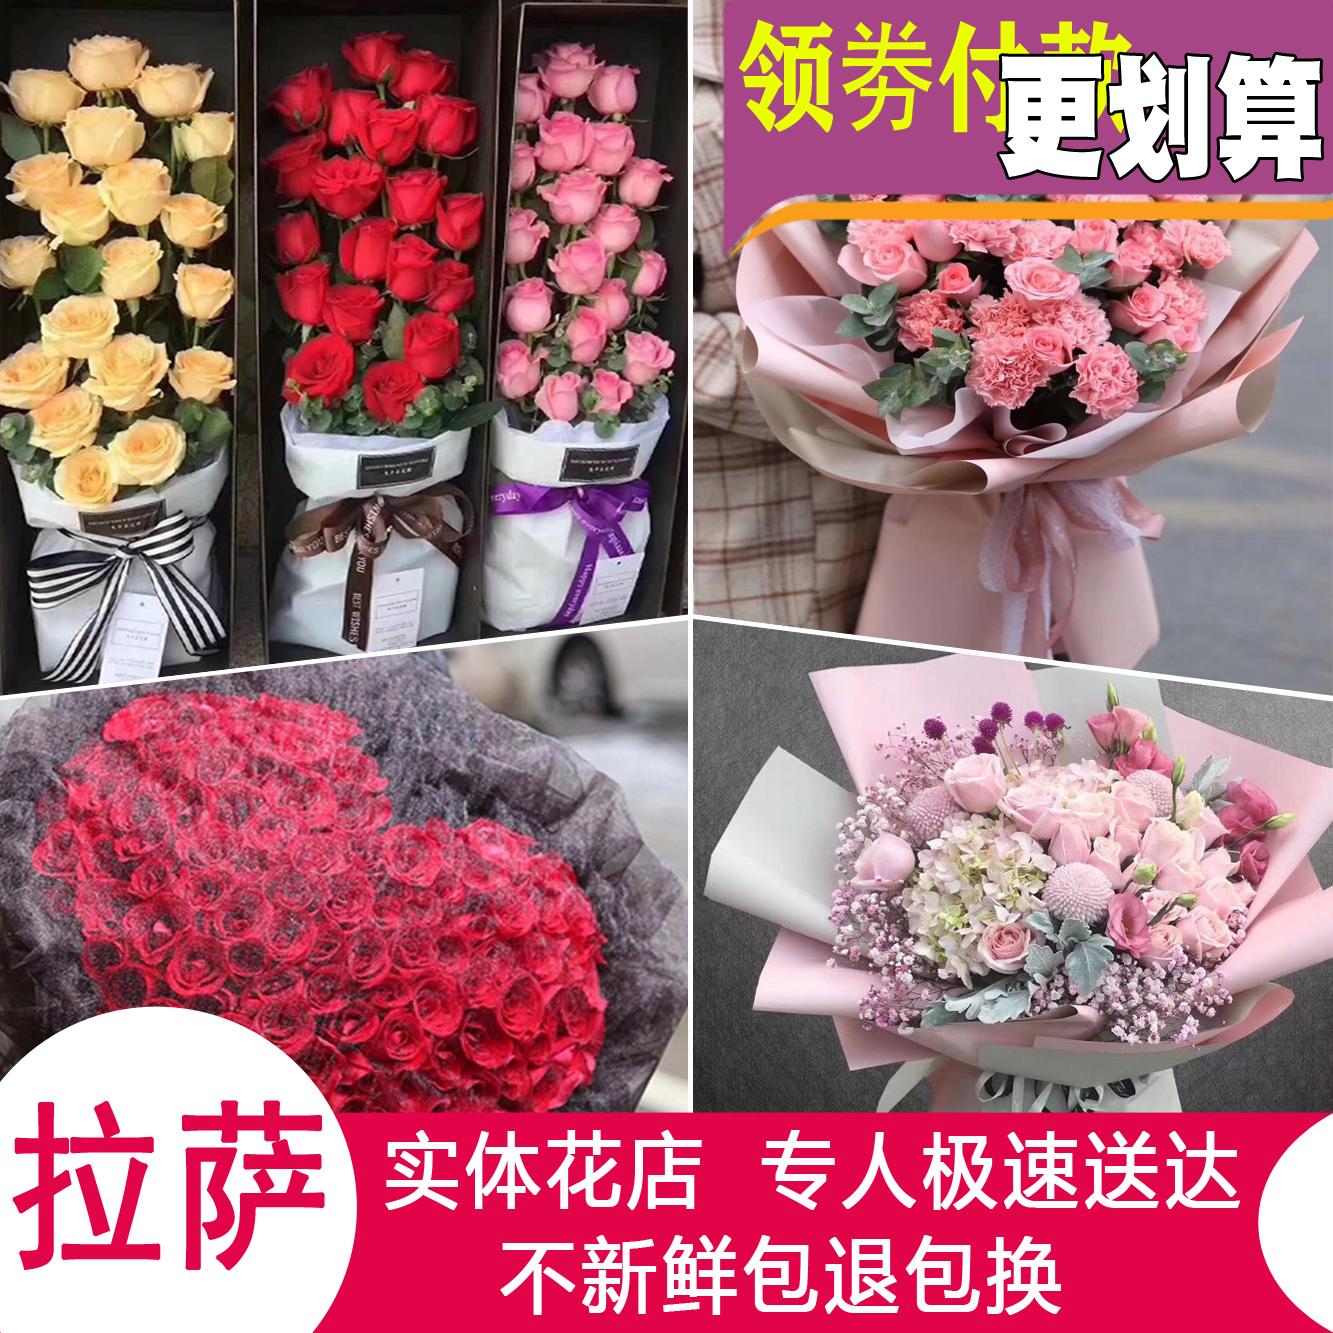 西藏拉萨城关区鲜花速递同城玫瑰花店红玫瑰母亲节山南生日送花